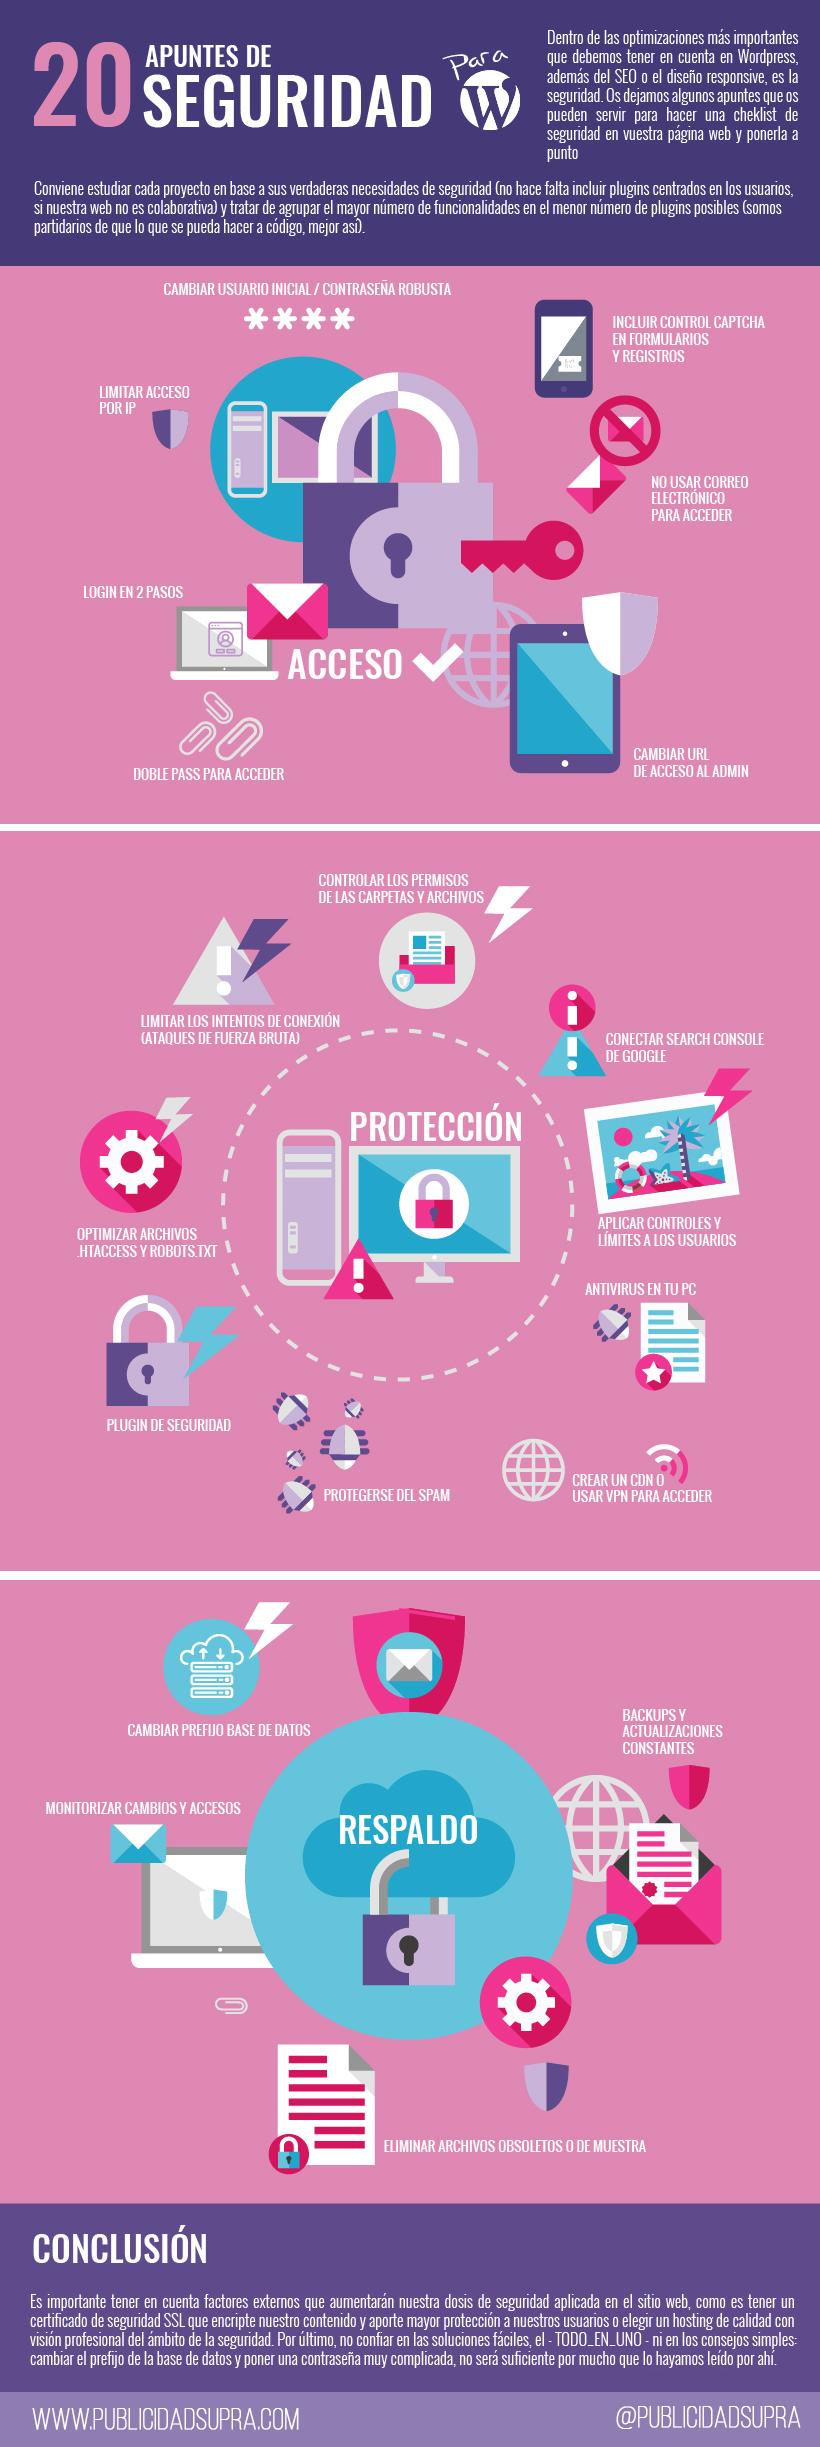 20 apuntes de seguridad para Wordpress